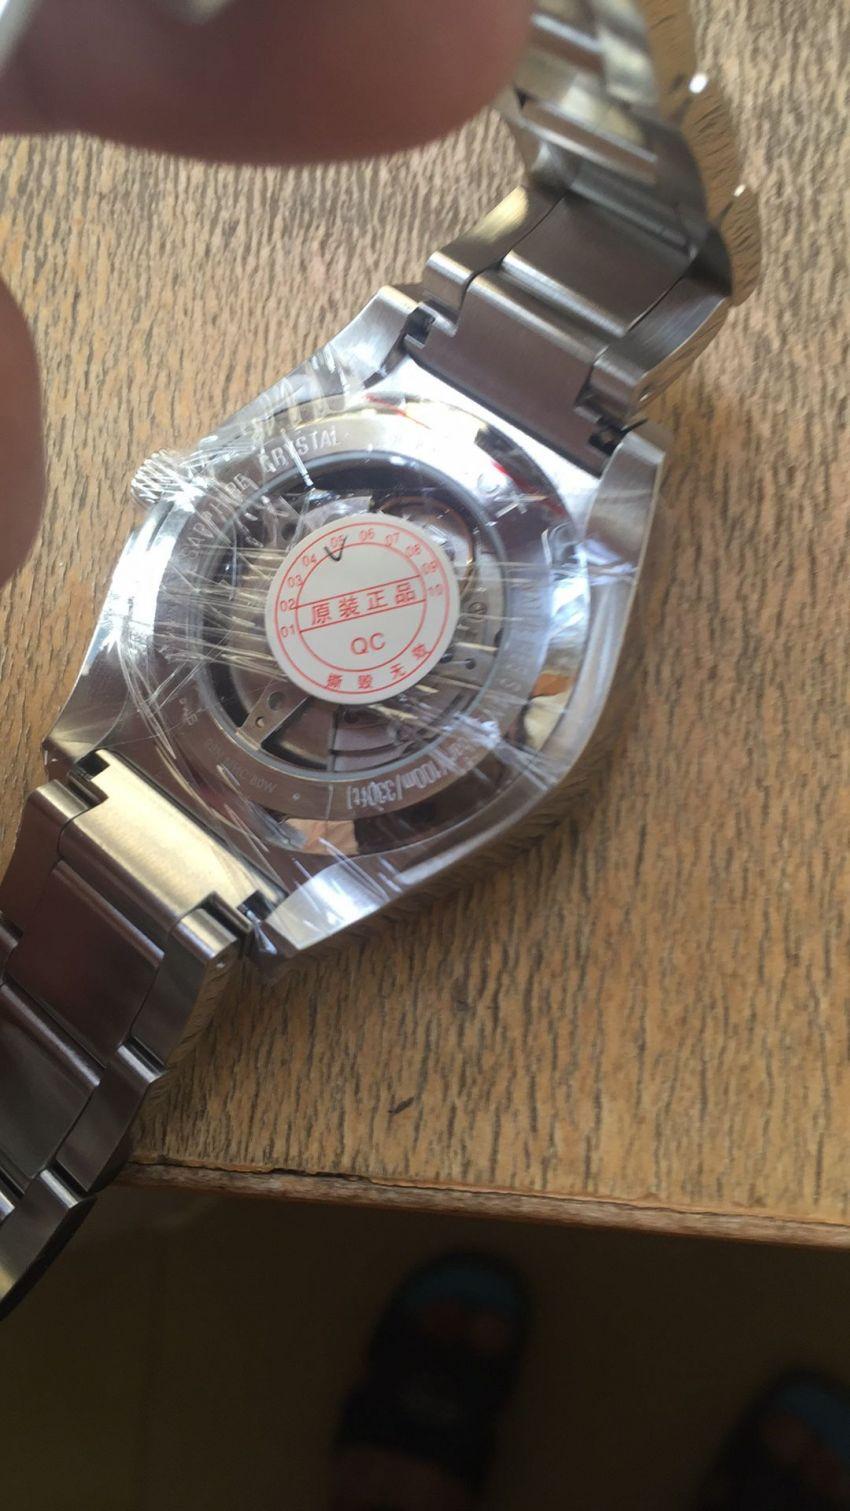 天梭T044.430.21.041.00手表【表友晒单作业】已收到,1...